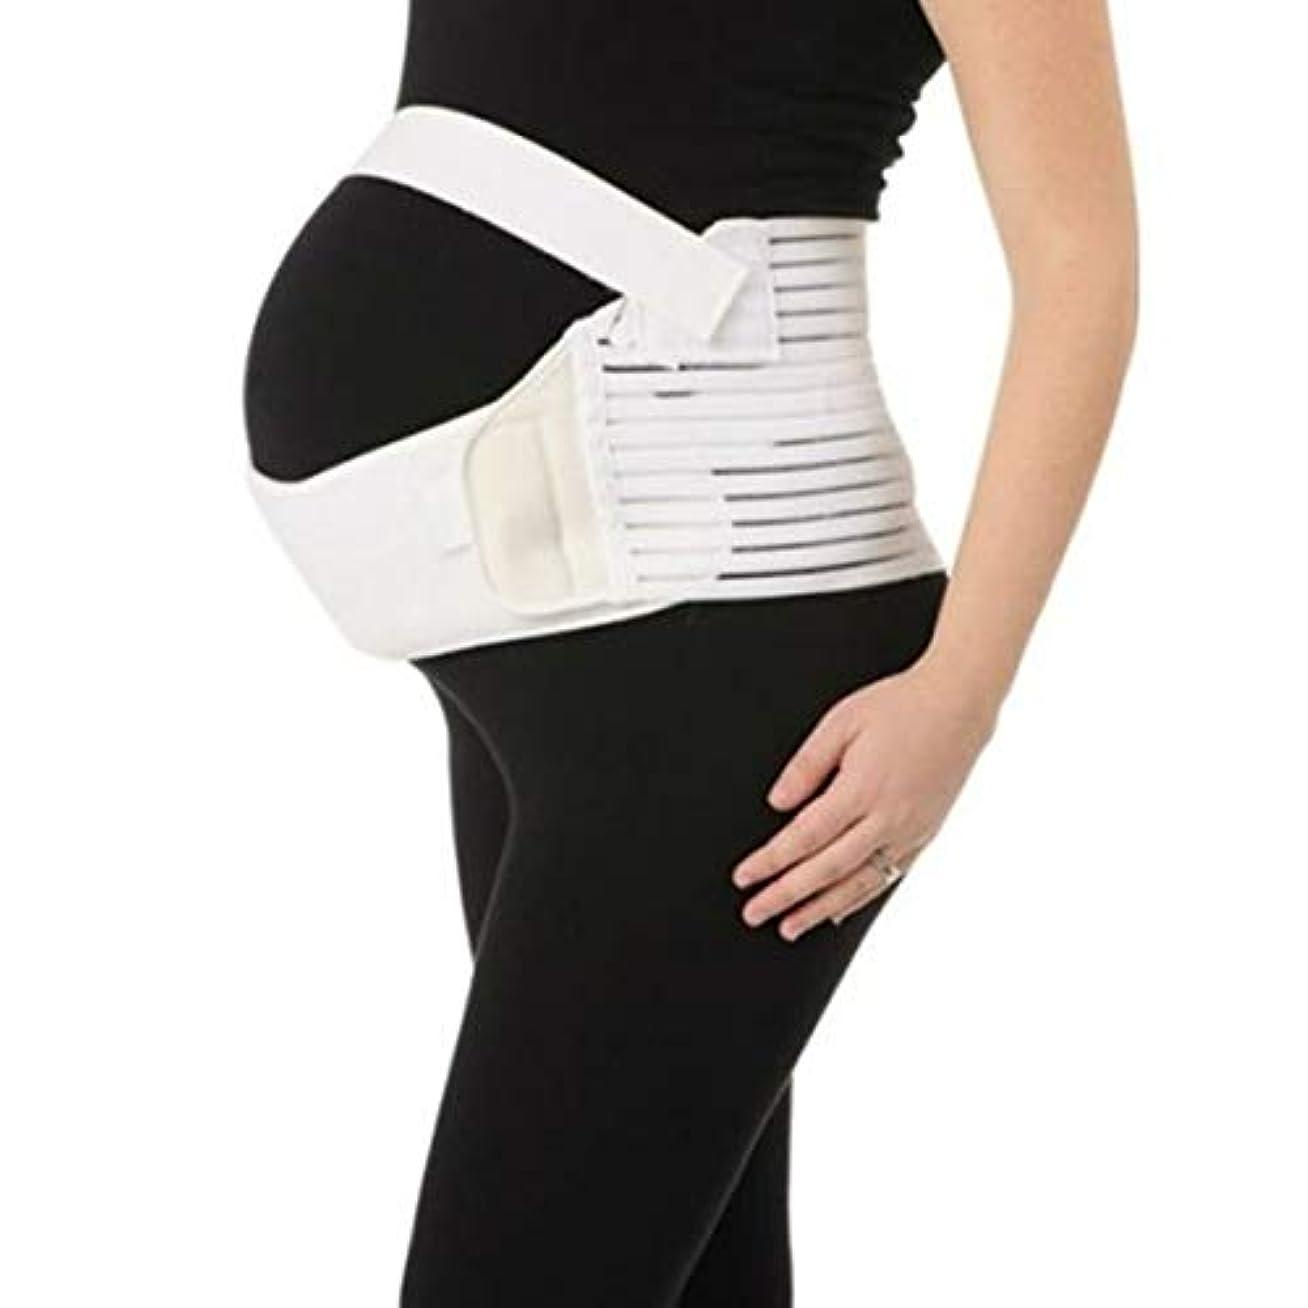 不承認曲オーブン通気性産科ベルト妊娠腹部サポート腹部バインダーガードル運動包帯産後の回復形状ウェア - ホワイトM